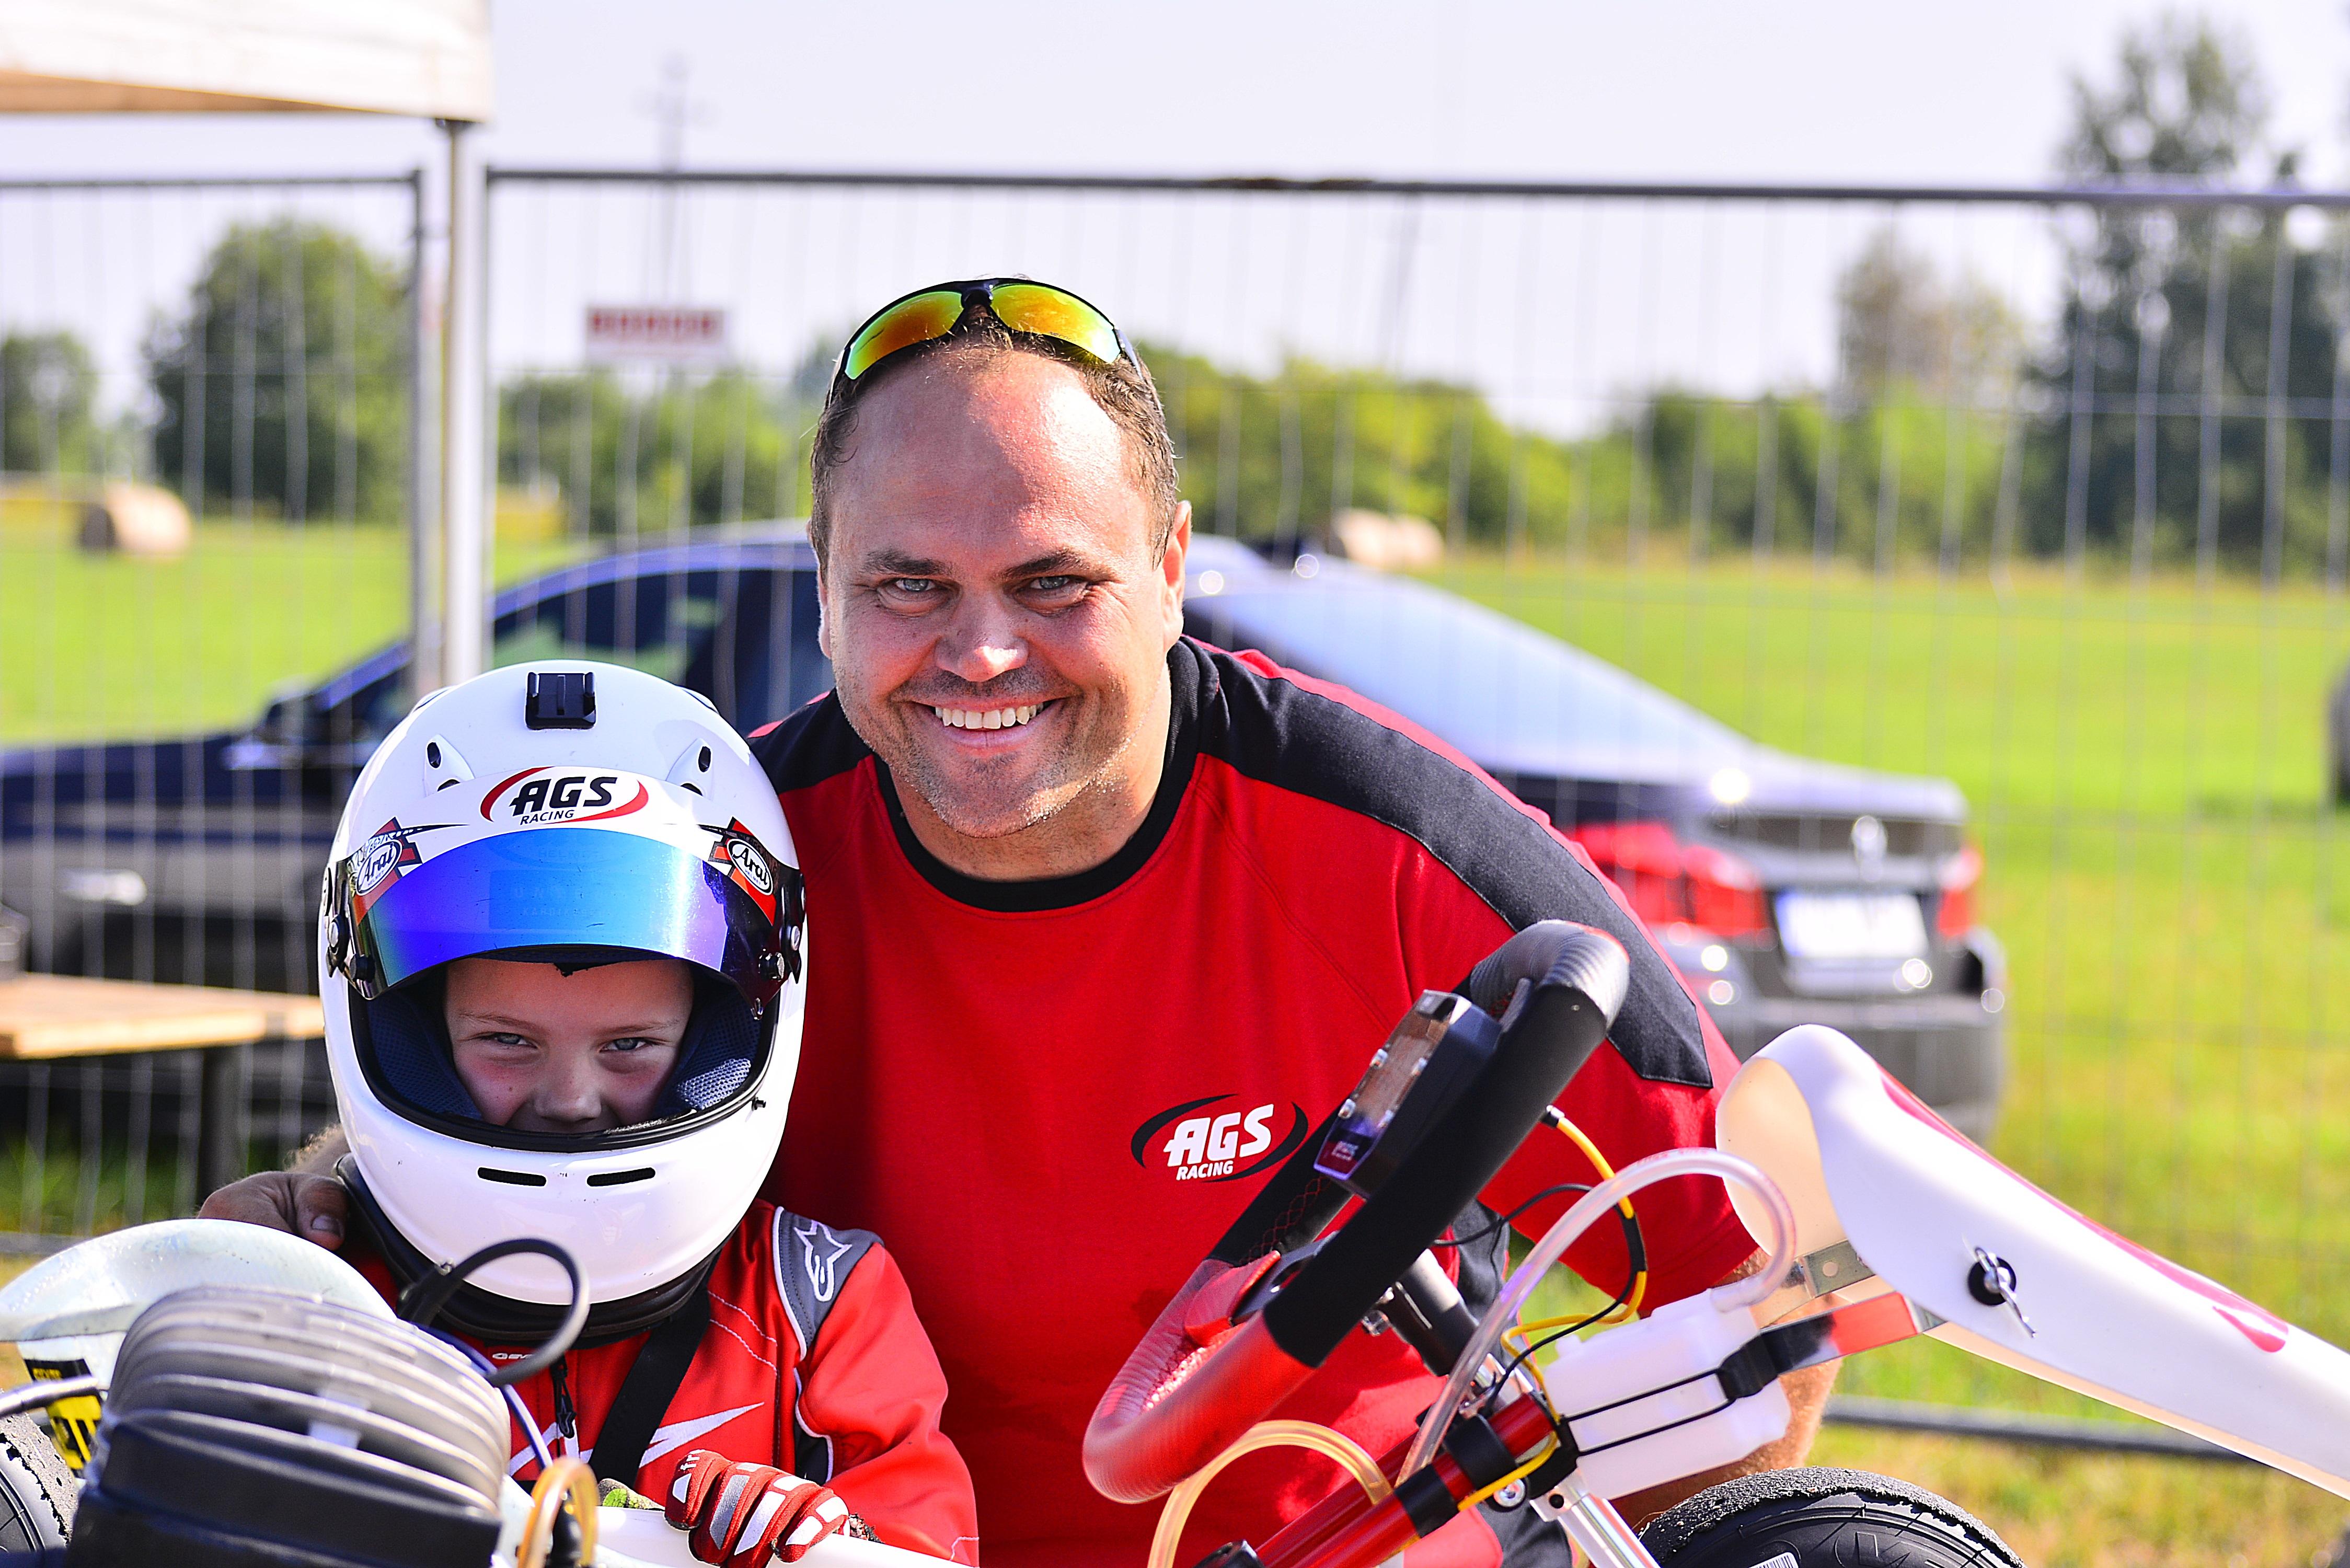 ags_racing_team_meryl_peldes